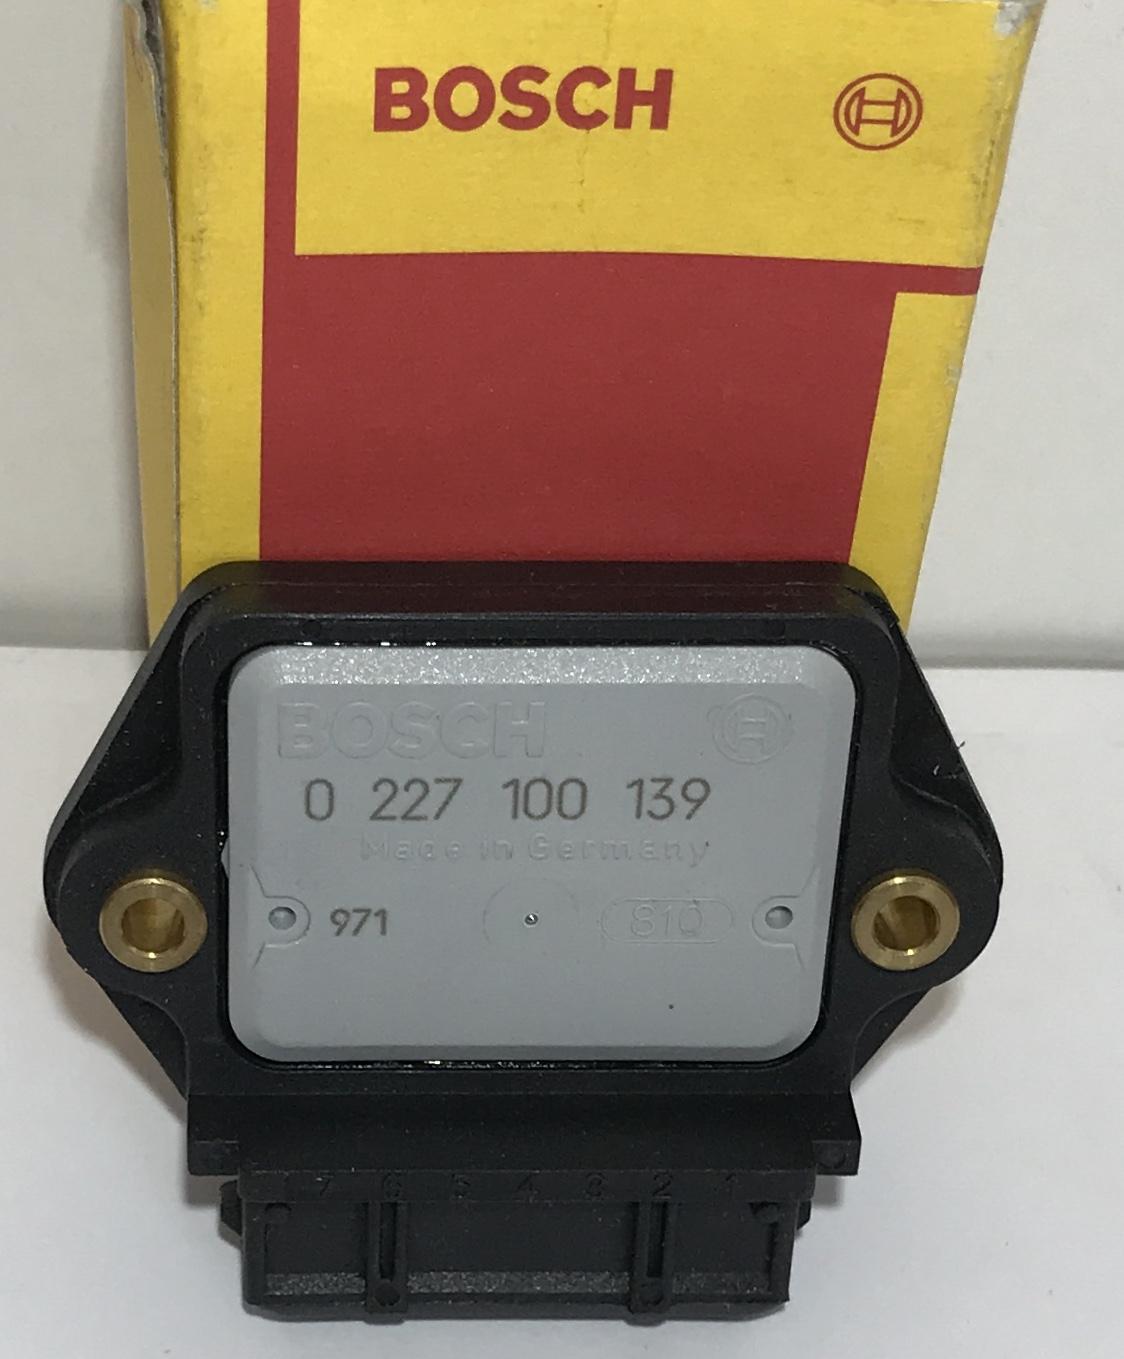 Bosch 0227100139 Schaltgerät Zündsteuergerät Zündung Steuerung Ignition Control